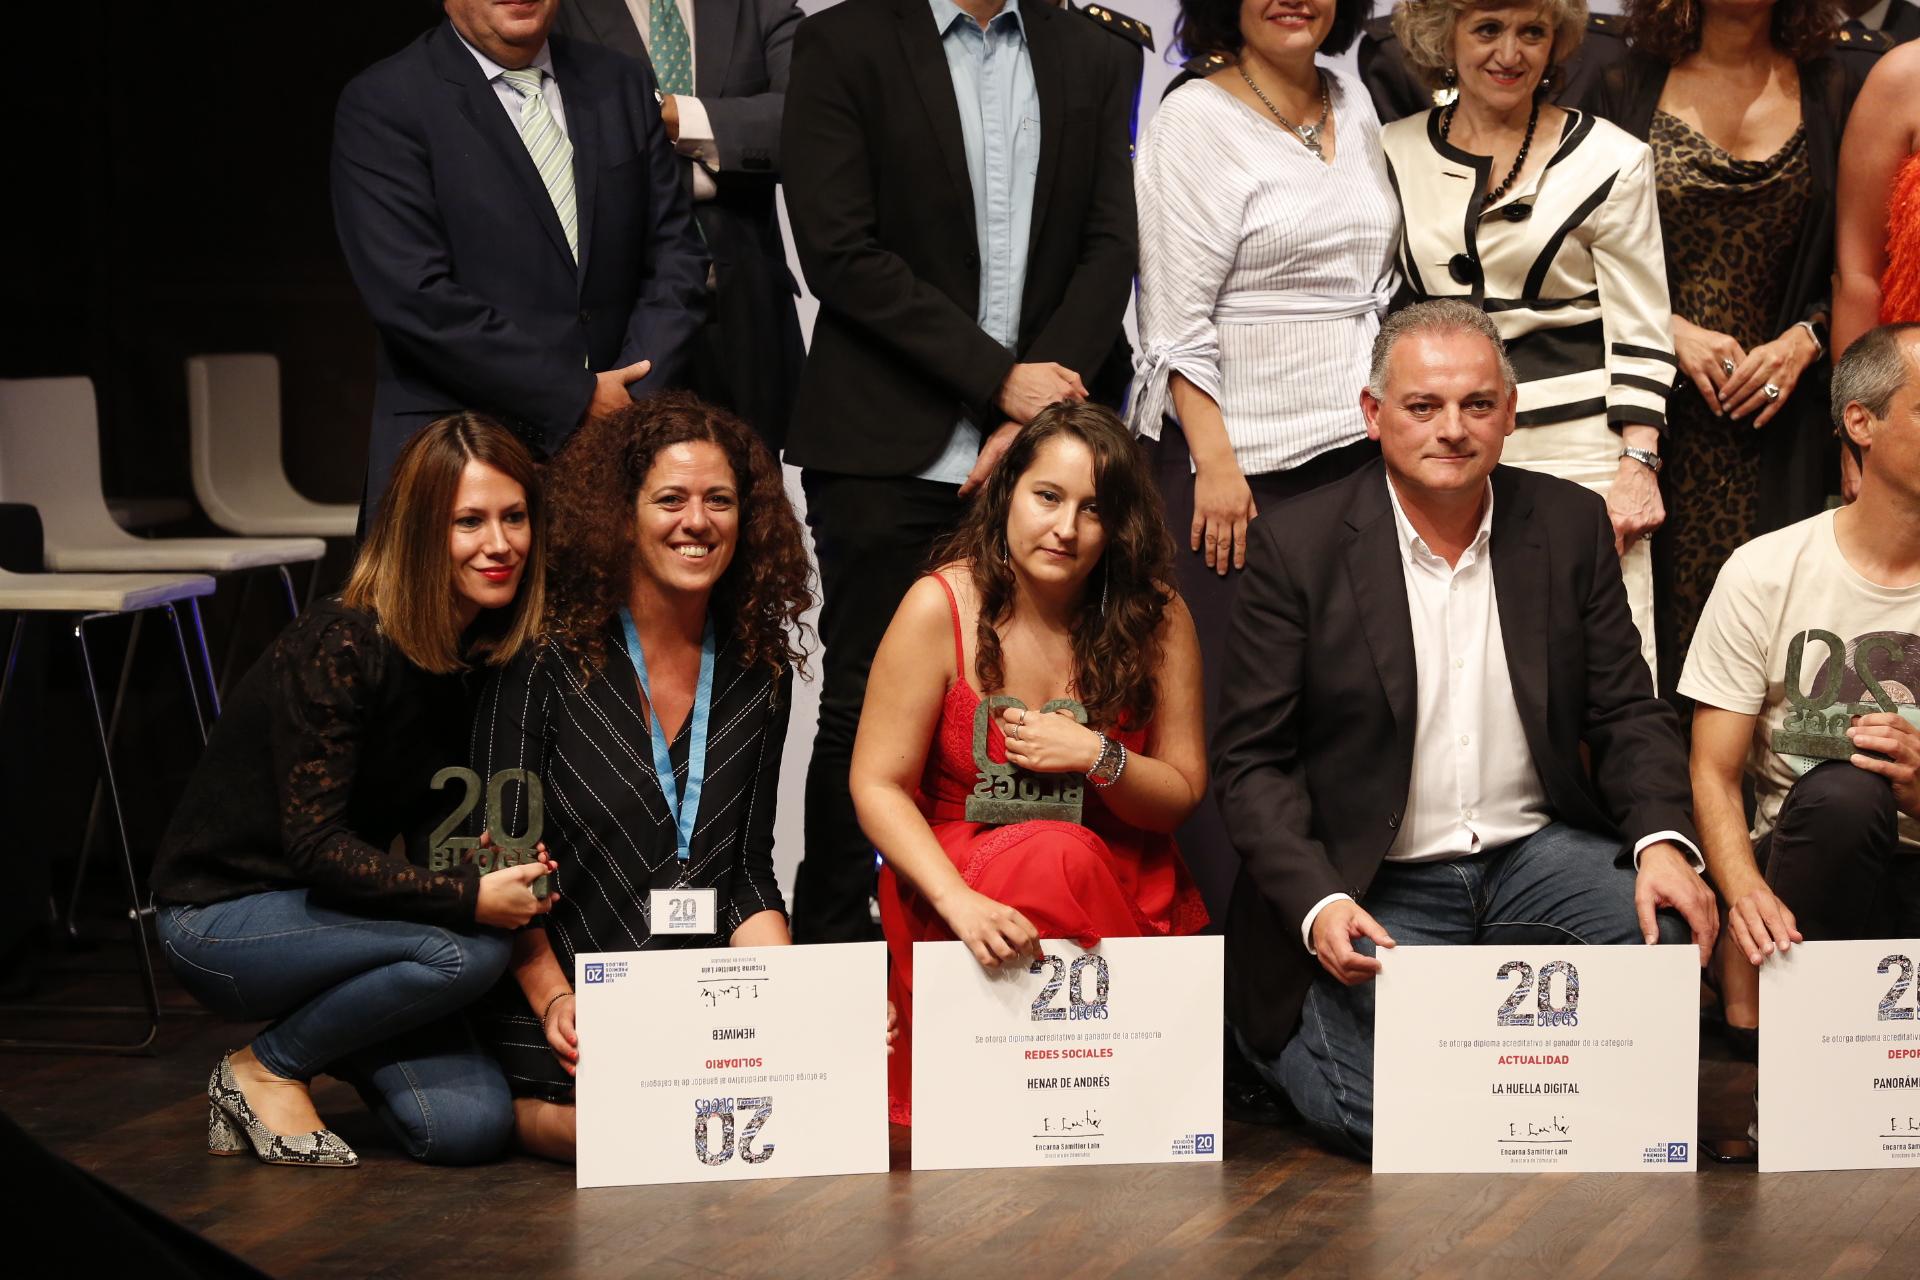 Rocío Palomo y Criando 24/7 representando a Hemiweb junto a resto de los galardonados de los Premios 20 blogs 2019